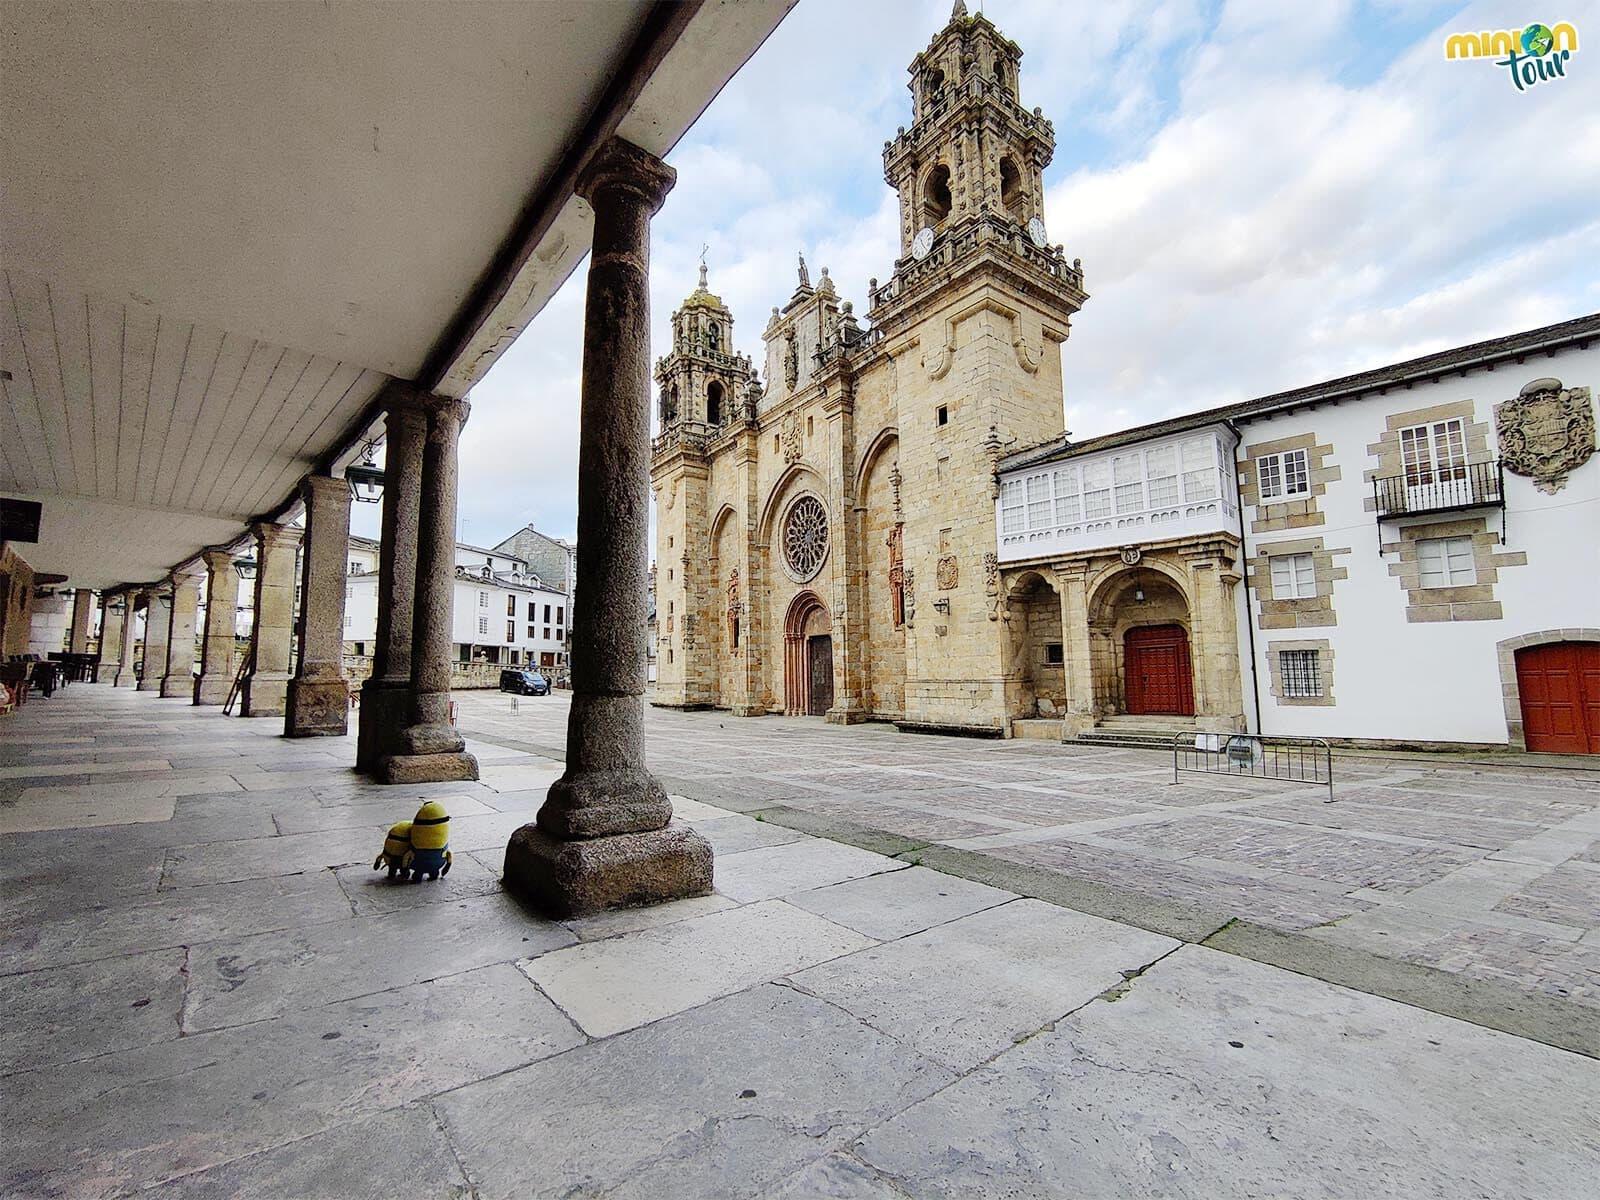 Minions mirando la Catedral de Mondoñedo y el Palacio Episcopal